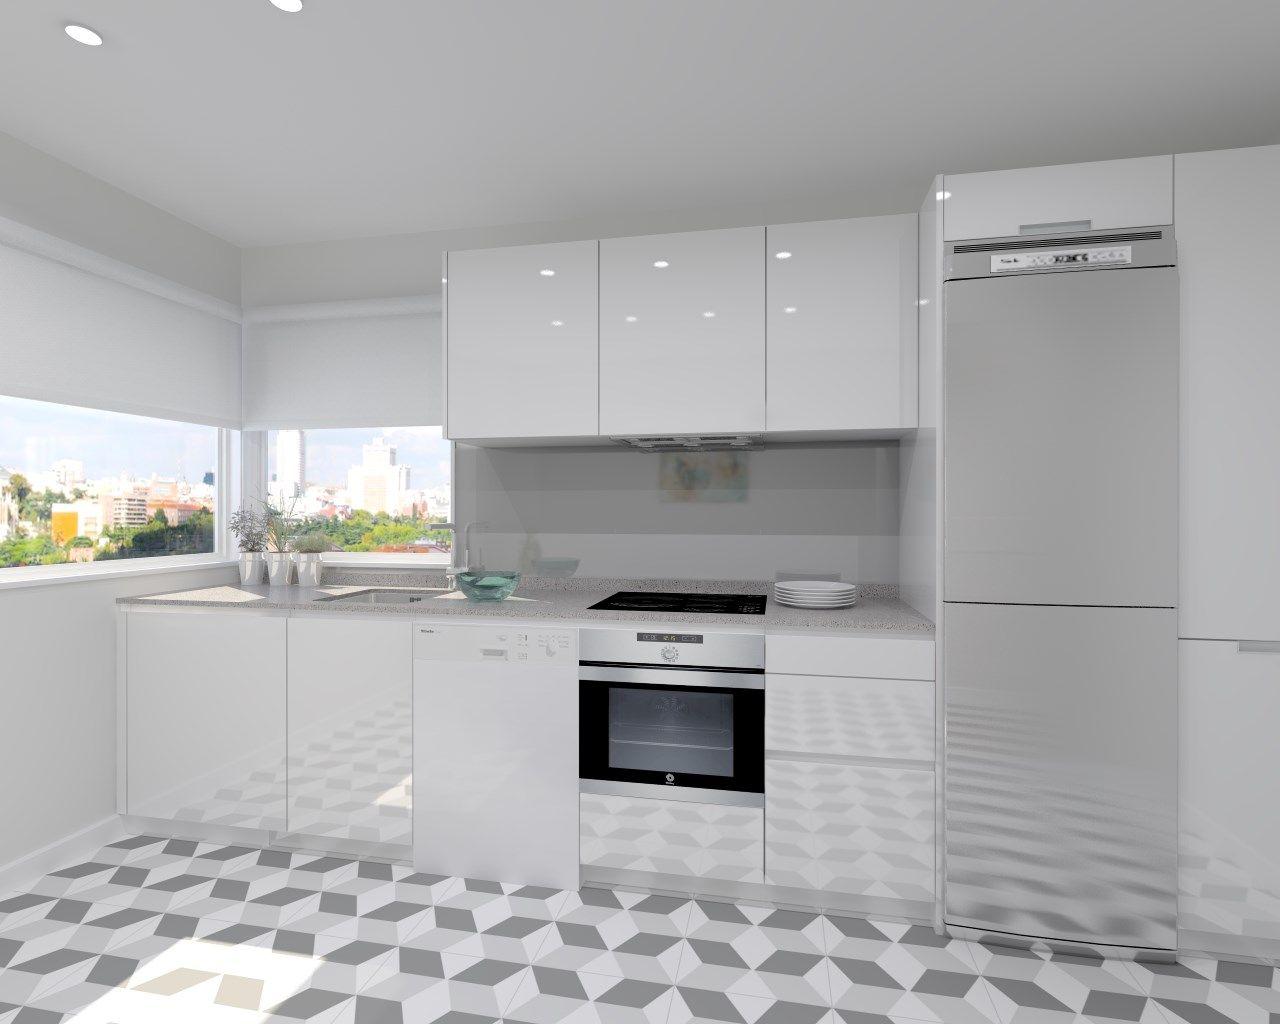 Resultado de imagen de cocina blanca con encimera gris cocina